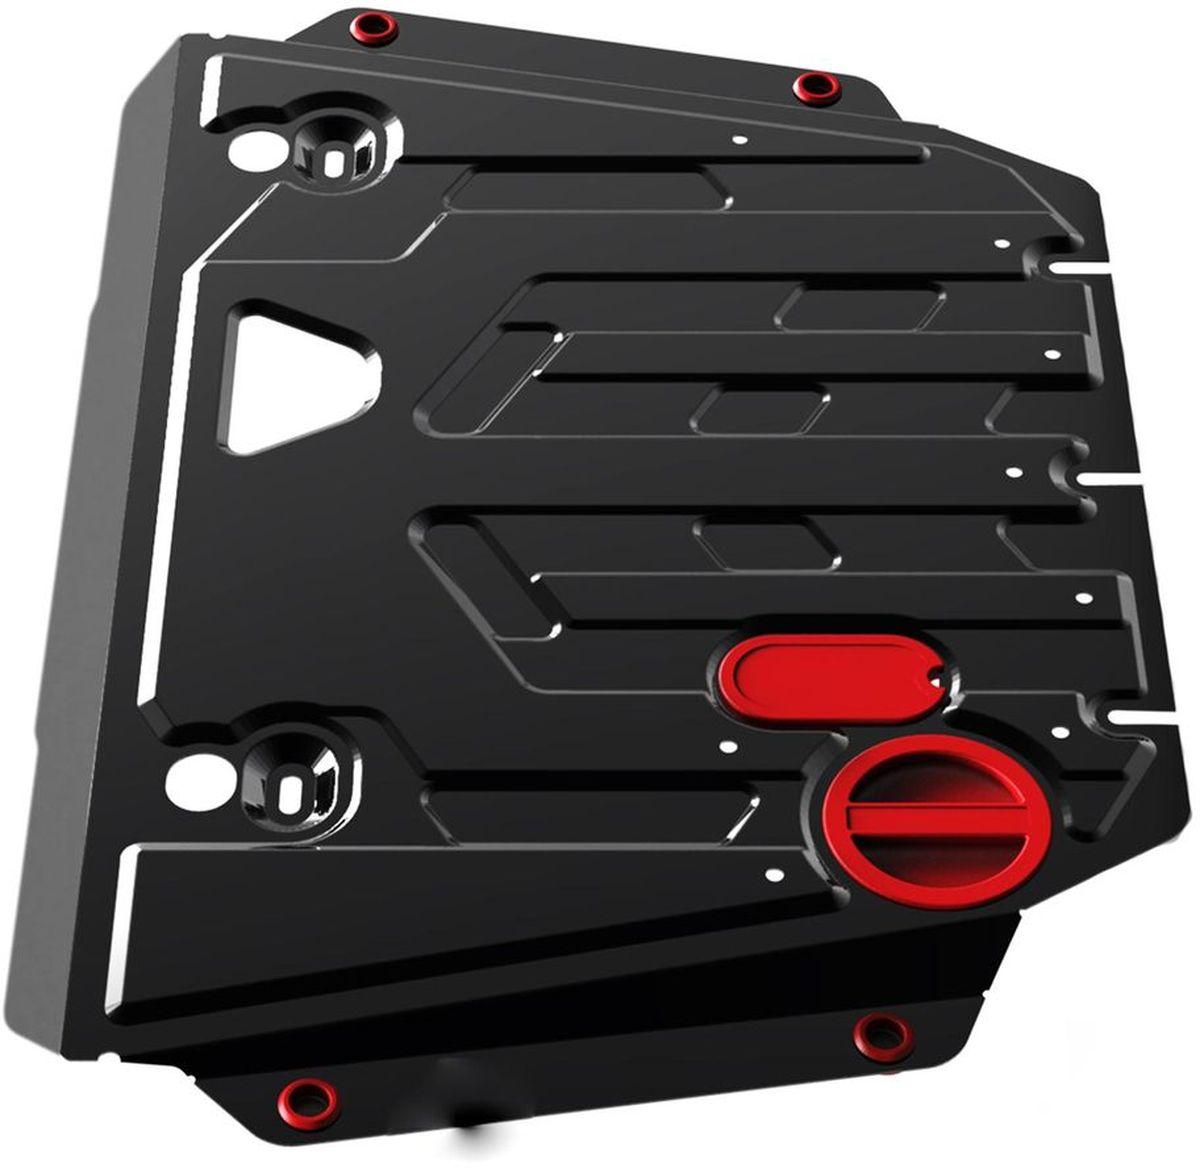 Защита картера и КПП Автоброня Fiat Albea 2006-2011, сталь 2 мм111.01701.3Защита картера и КПП Автоброня Fiat Albea картер, V - 1,4 2006-2011, сталь 2 мм, комплект крепежа, 111.01701.3Стальные защиты Автоброня надежно защищают ваш автомобиль от повреждений при наезде на бордюры, выступающие канализационные люки, кромки поврежденного асфальта или при ремонте дорог, не говоря уже о загородных дорогах.- Имеют оптимальное соотношение цена-качество.- Спроектированы с учетом особенностей автомобиля, что делает установку удобной.- Защита устанавливается в штатные места кузова автомобиля.- Является надежной защитой для важных элементов на протяжении долгих лет.- Глубокий штамп дополнительно усиливает конструкцию защиты.- Подштамповка в местах крепления защищает крепеж от срезания.- Технологические отверстия там, где они необходимы для смены масла и слива воды, оборудованные заглушками, закрепленными на защите.Толщина стали 2 мм.В комплекте крепеж и инструкция по установке.Уважаемые клиенты!Обращаем ваше внимание на тот факт, что защита имеет форму, соответствующую модели данного автомобиля. Наличие глубокого штампа и лючков для смены фильтров/масла предусмотрено не на всех защитах. Фото служит для визуального восприятия товара.